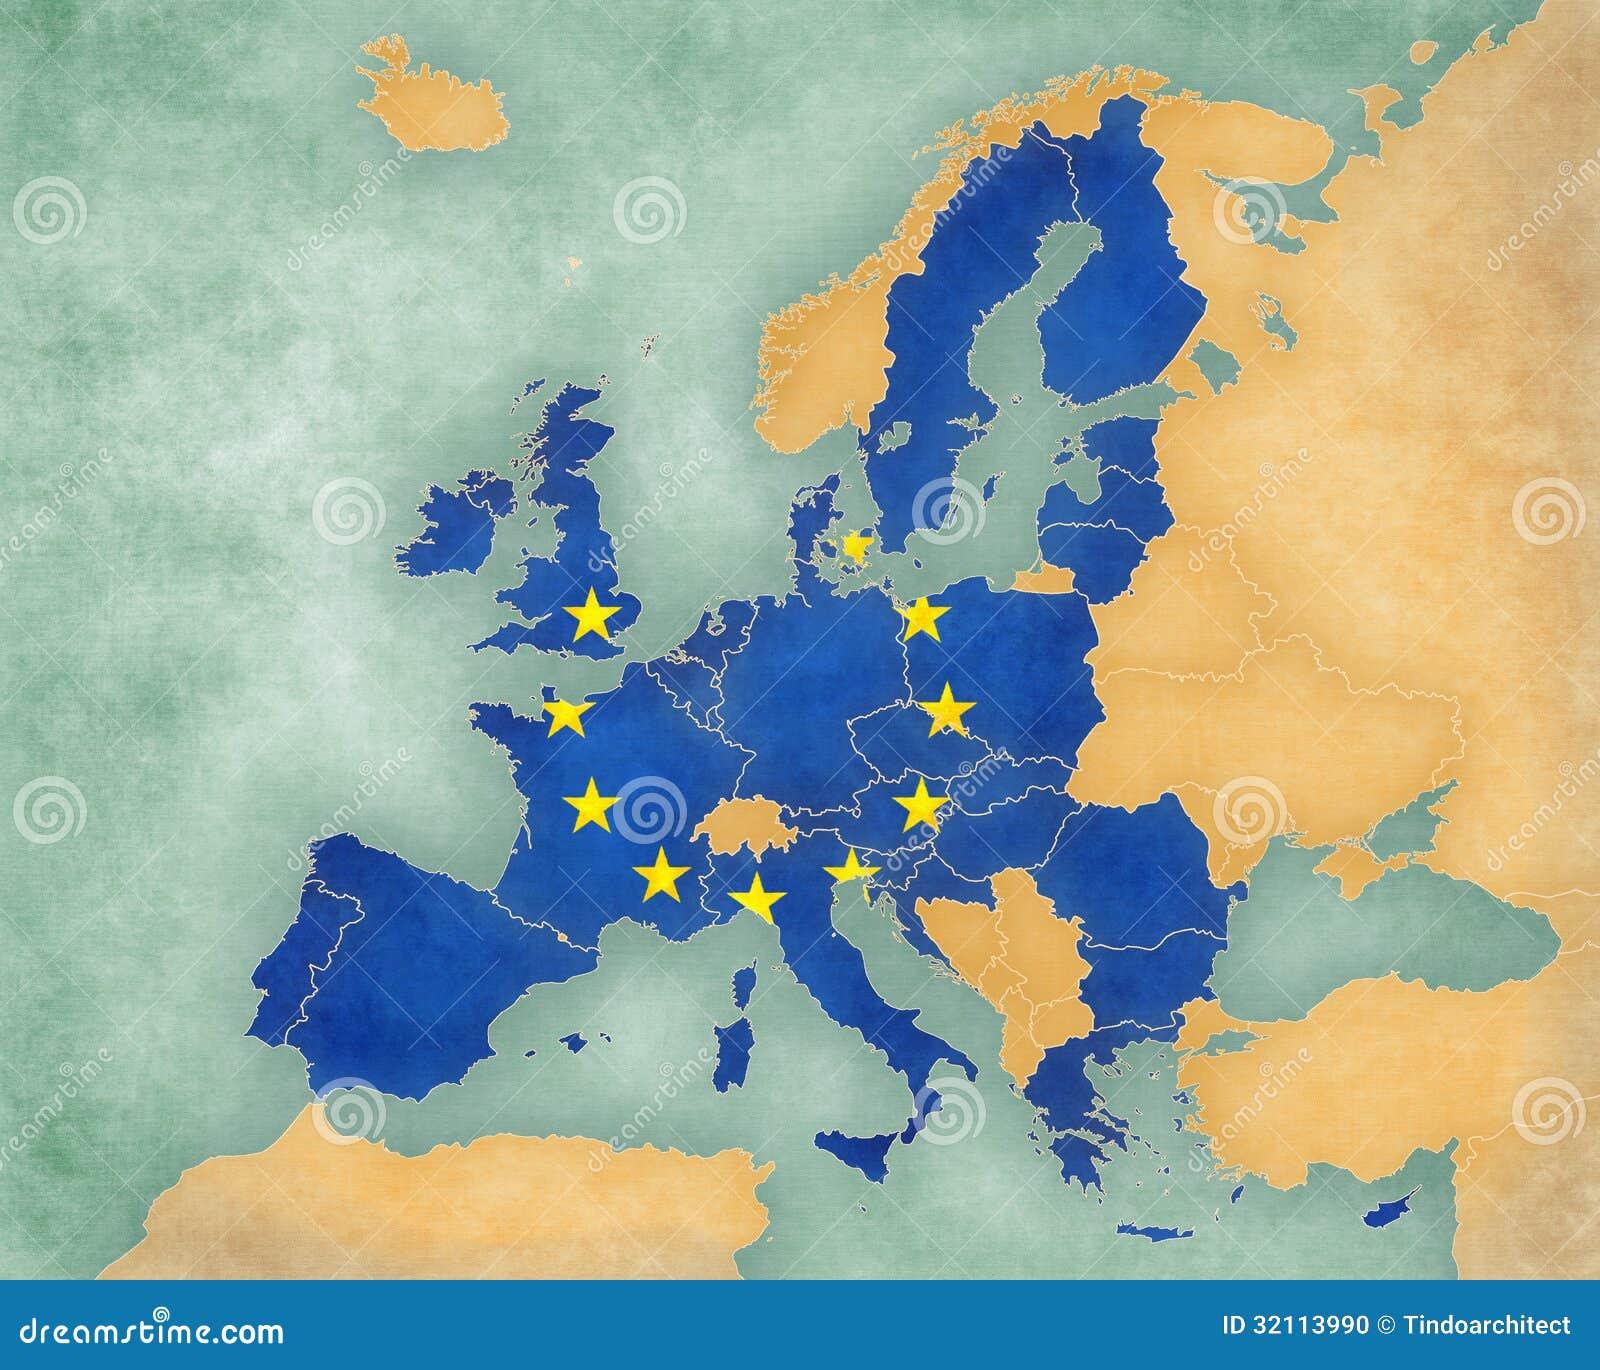 Karta Evropy Evropejskogo Soyuza 2013 Stil Leta Illyustraciya